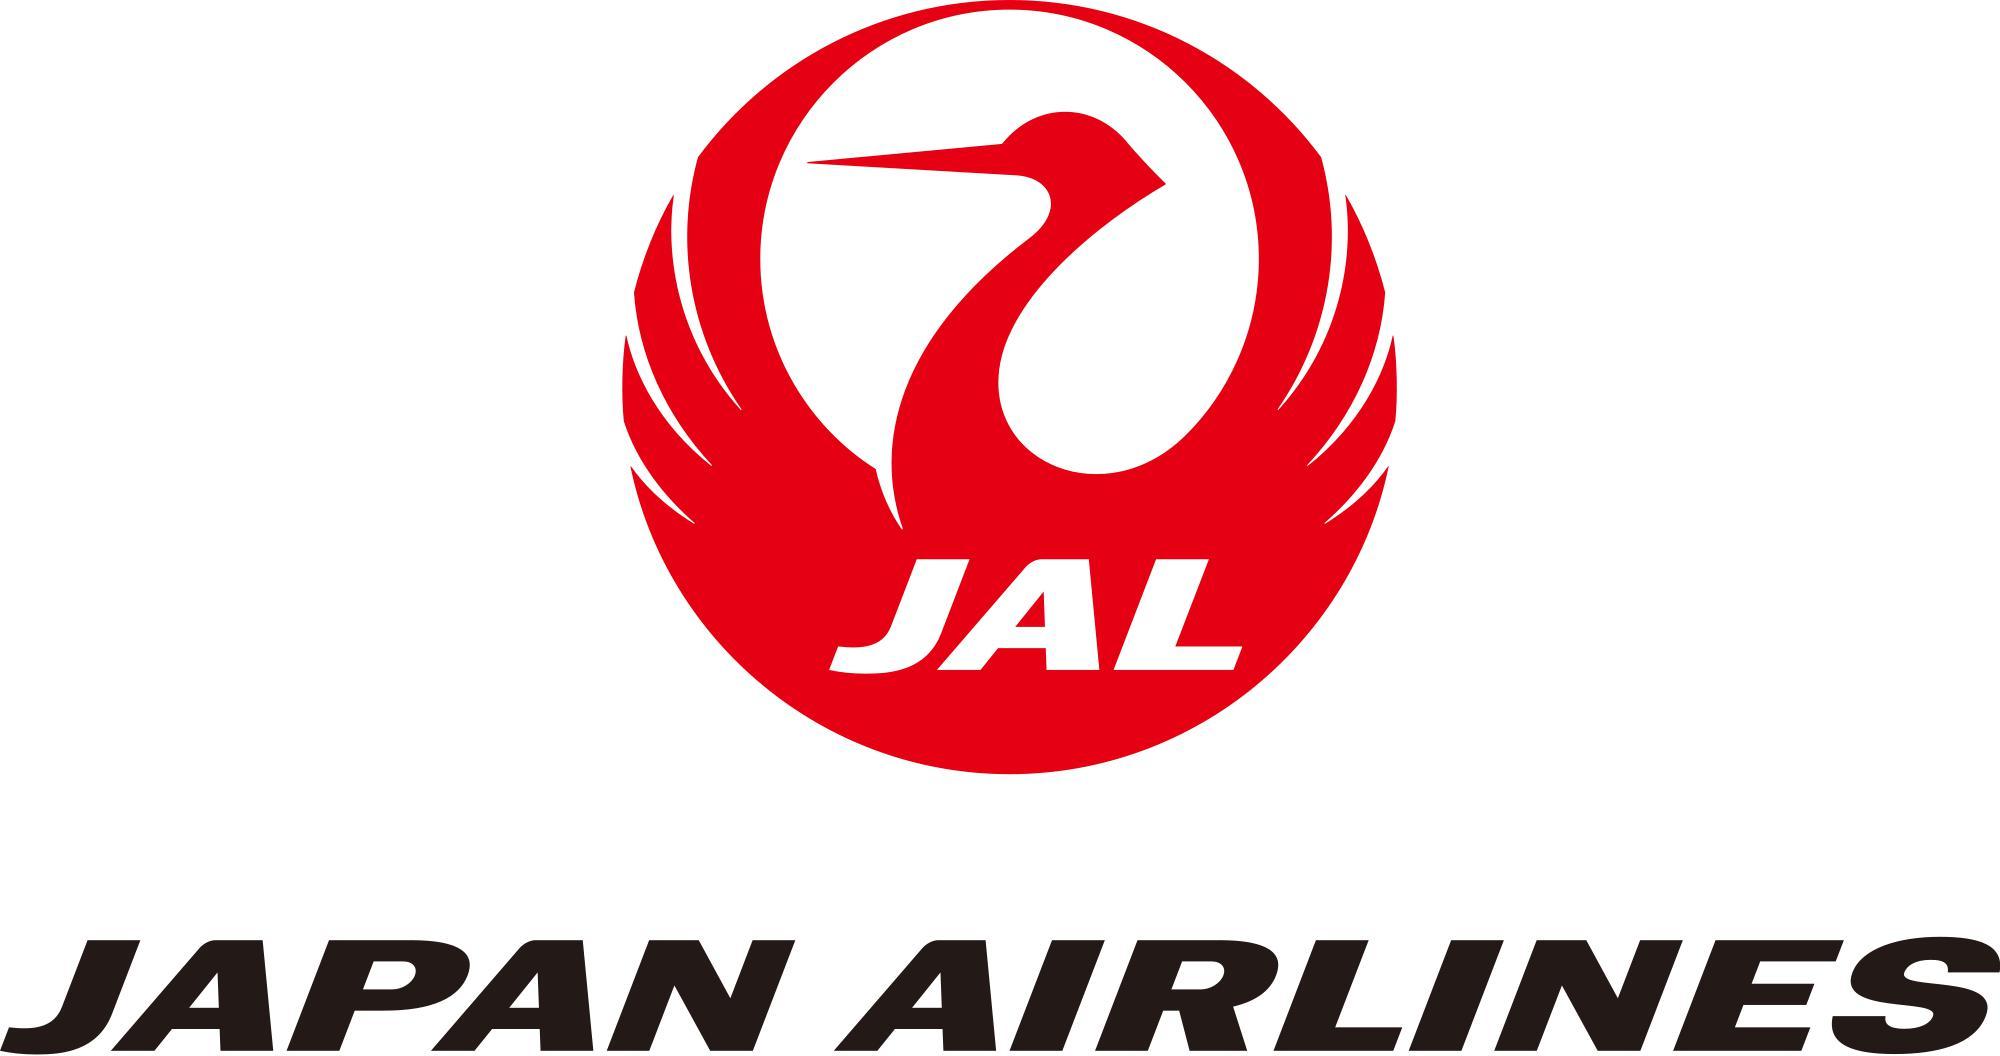 Promotion sur les vols en destination du Japon - Ex : Billet d'avion A/R Paris - Tokyo